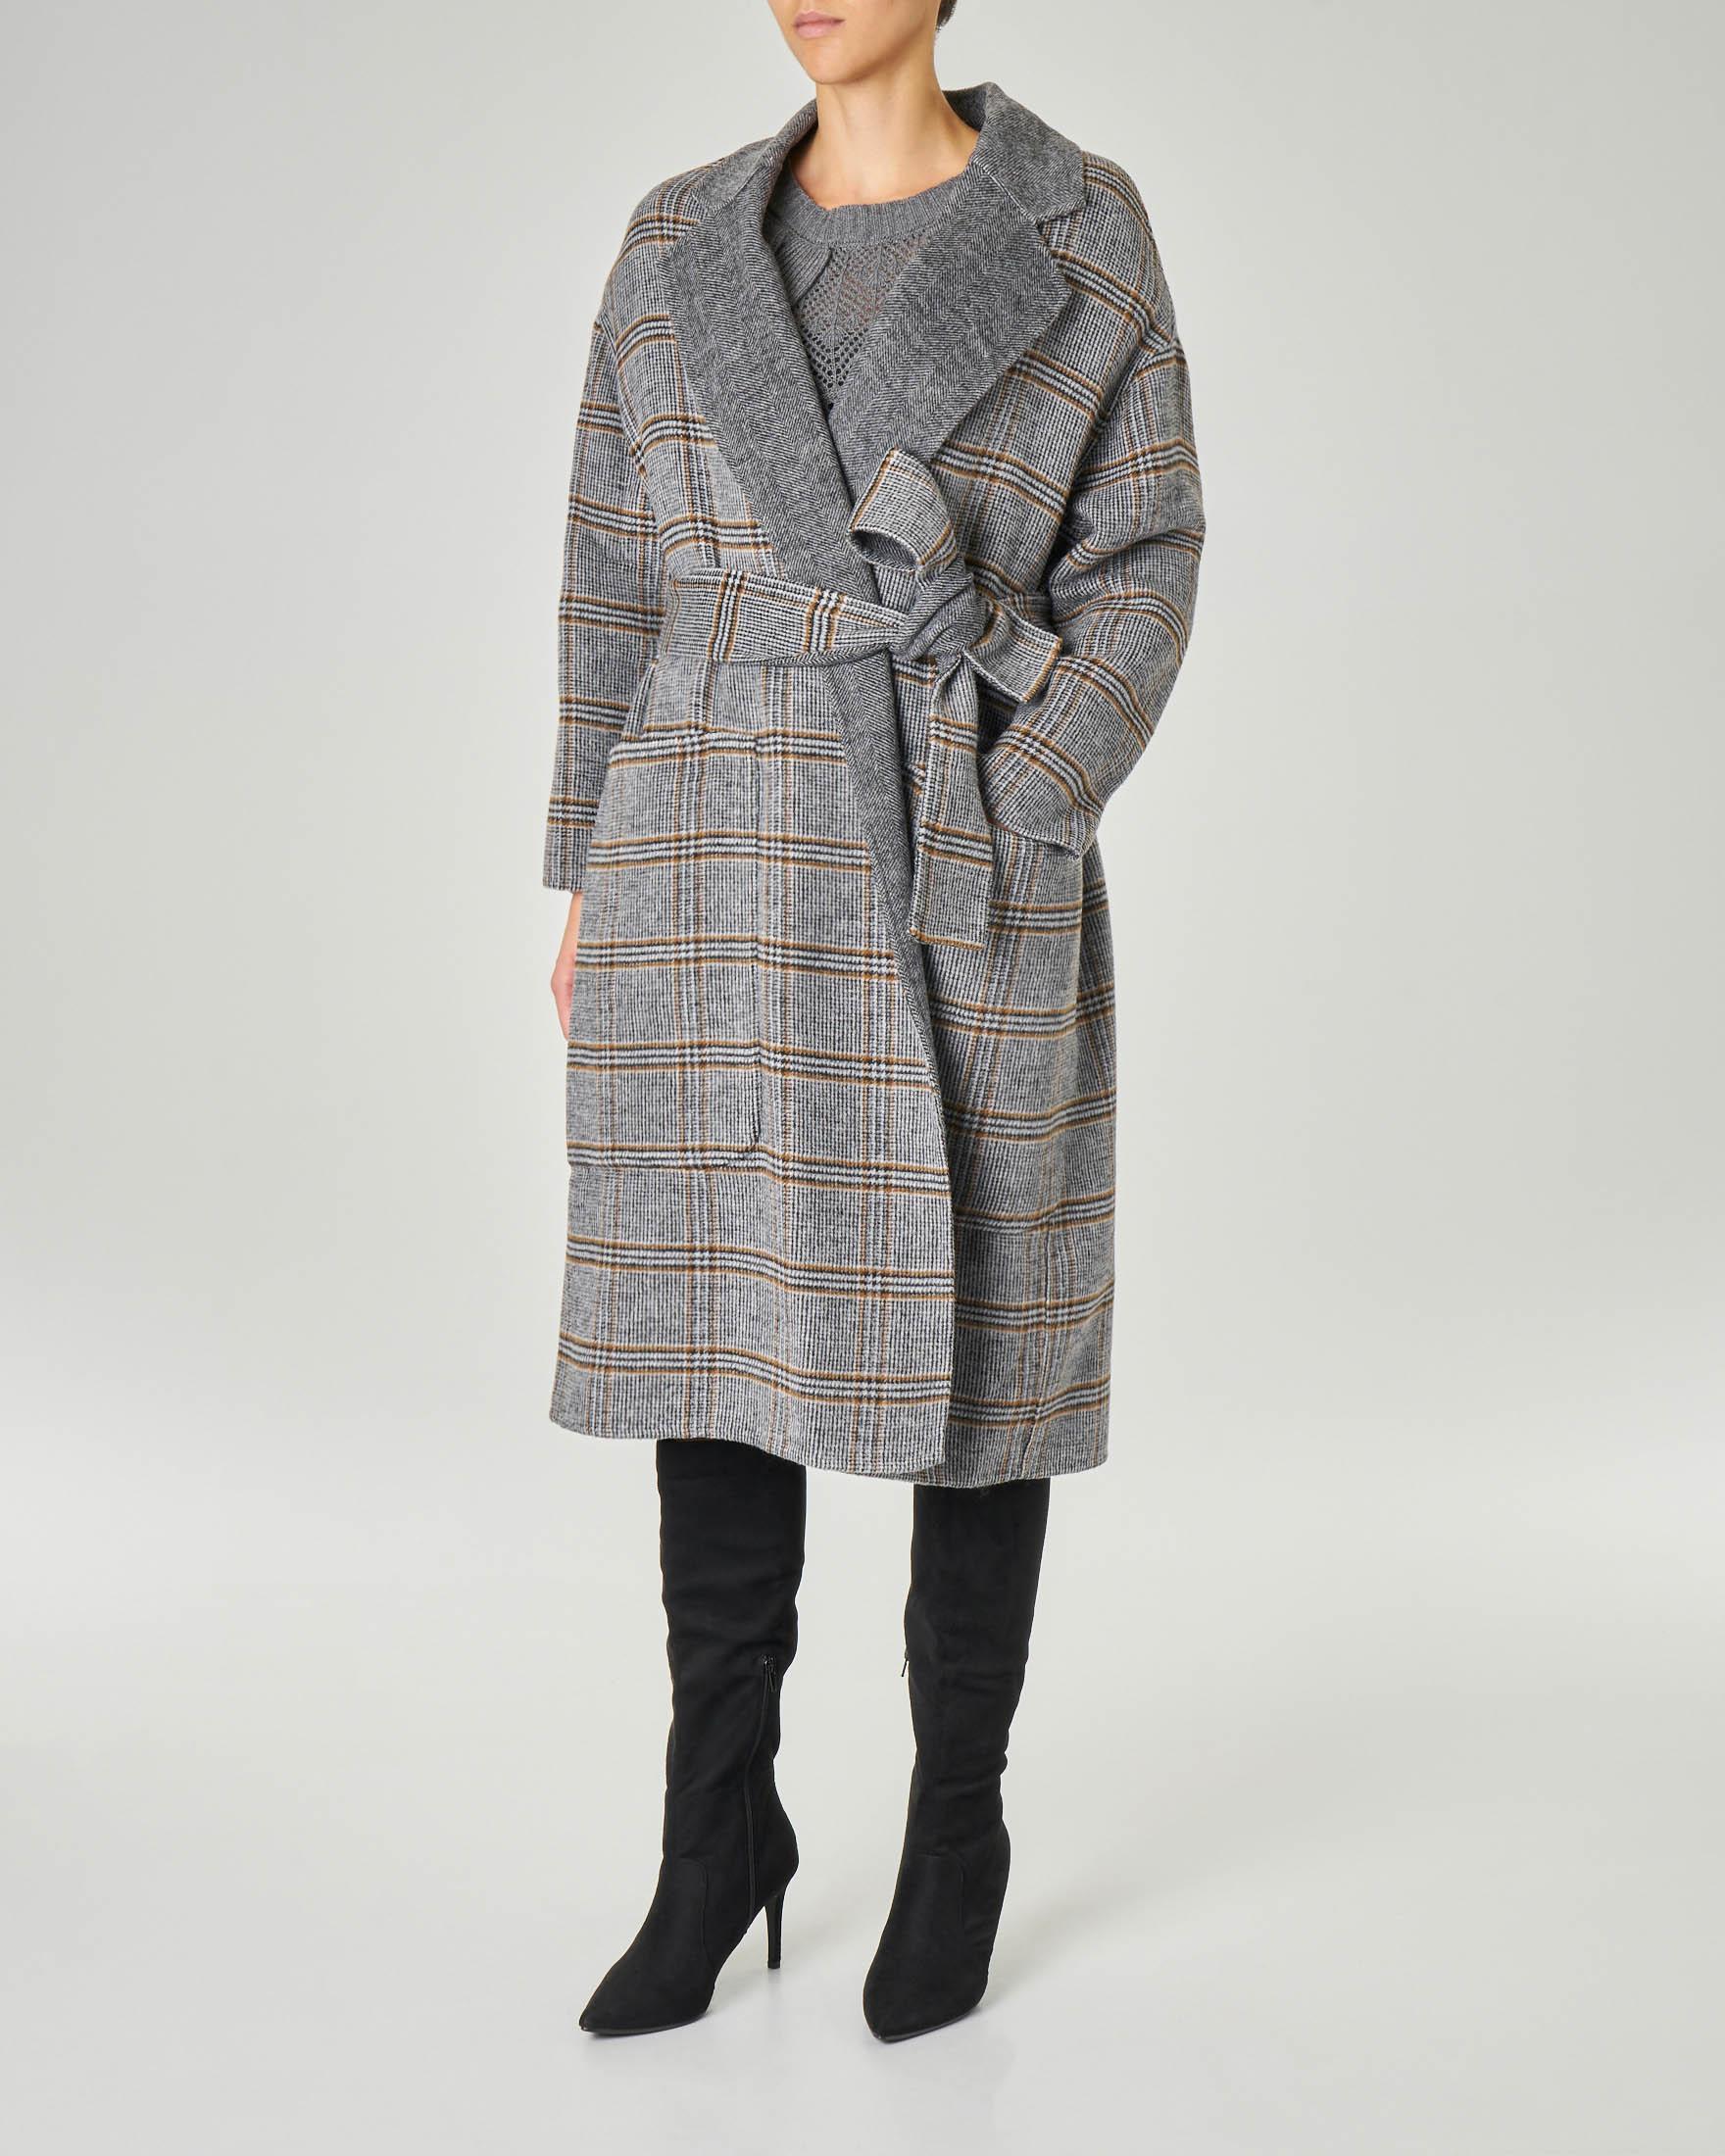 Maxi cappotto reversibile a fantasia check e grigio tinta unita con cintura in vita